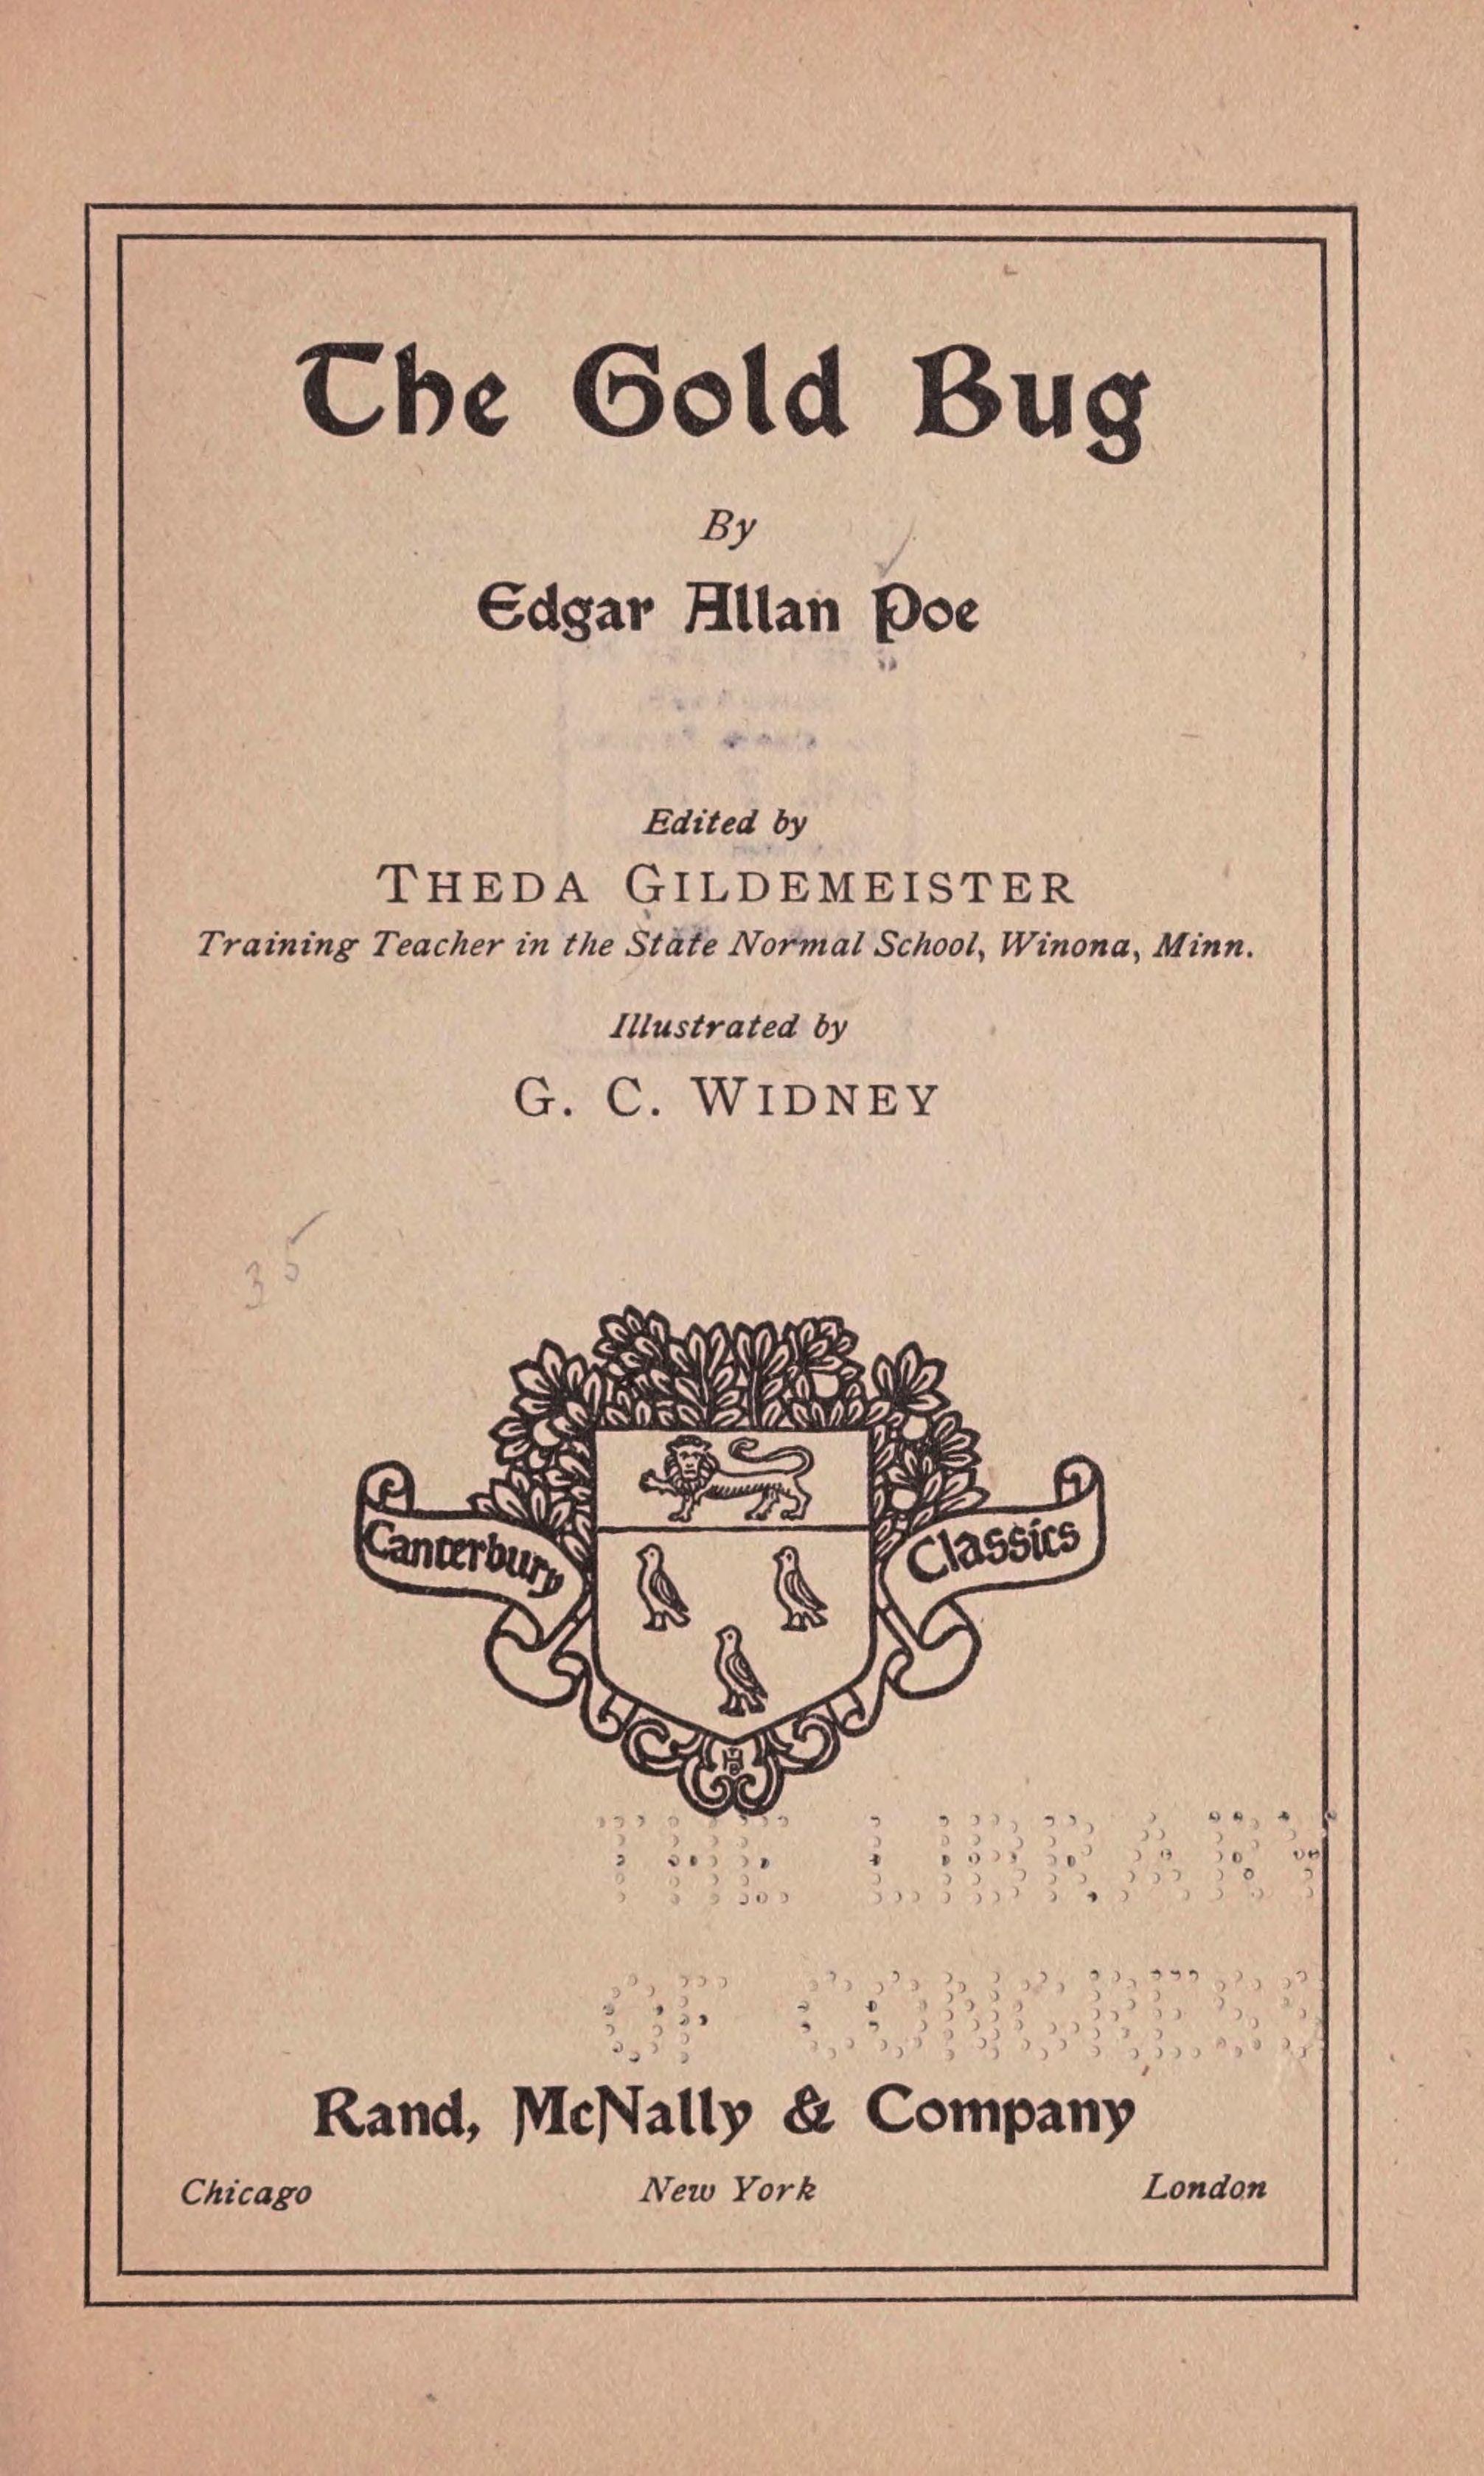 Virtual Book Discussion: Edgar Allan Poe